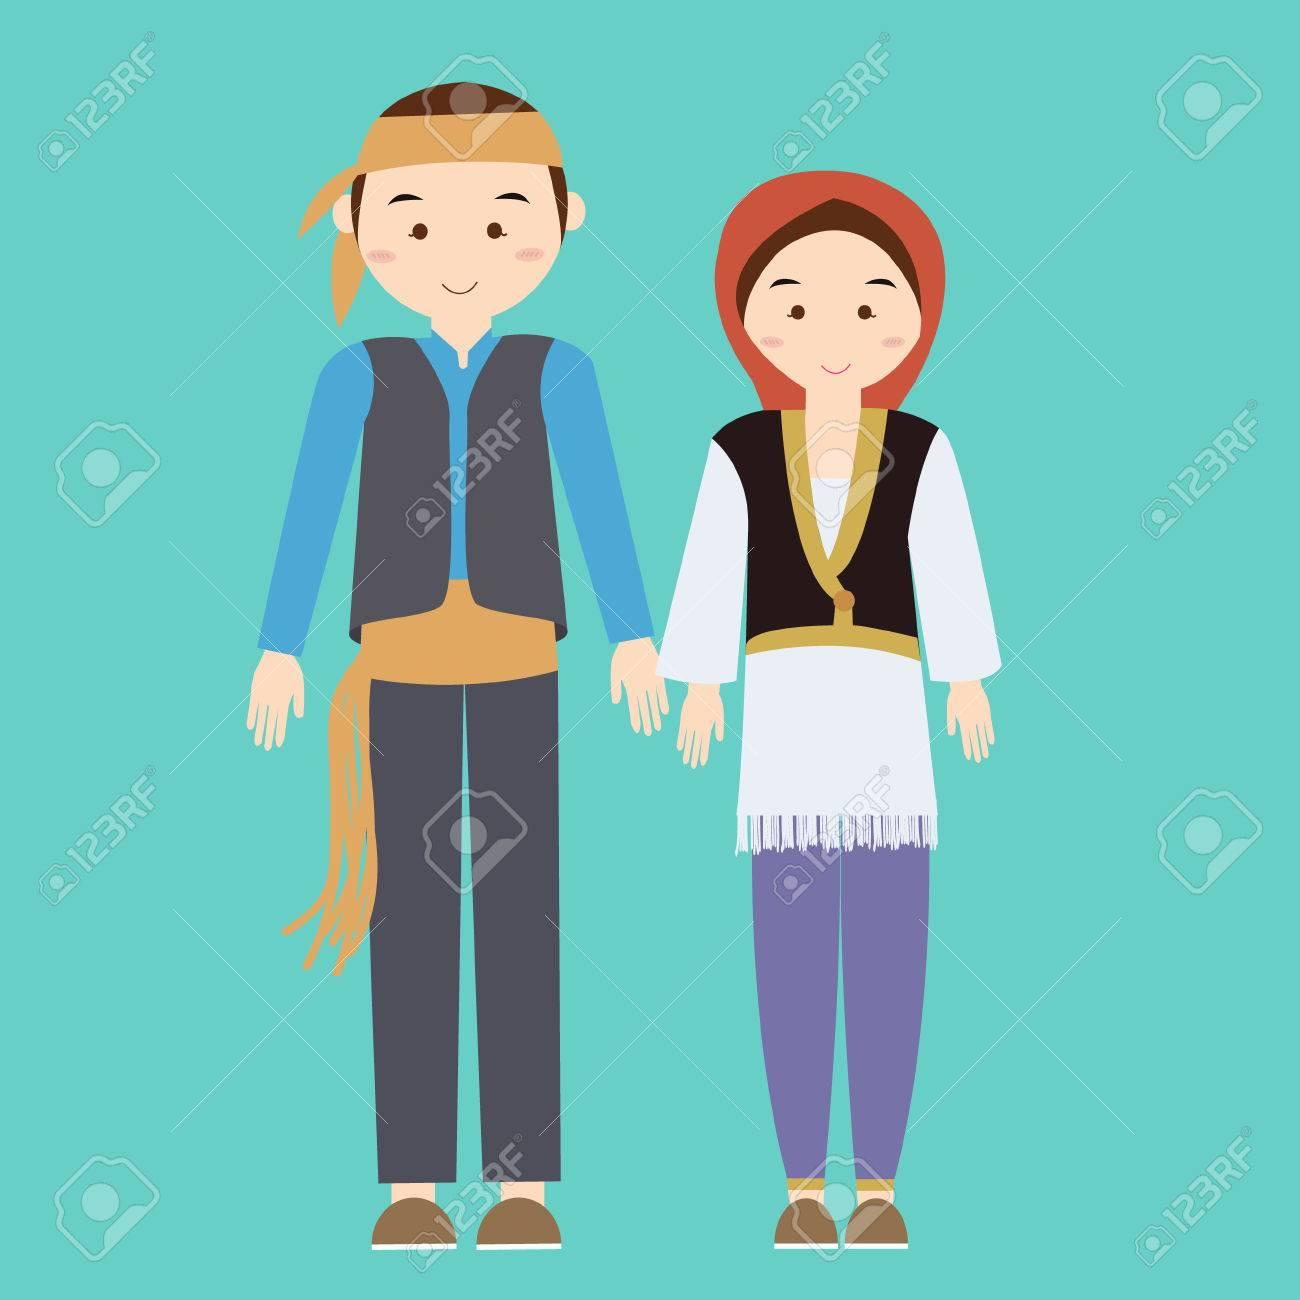 カップル男女性トルコ トルコ トルコの伝統的な衣装服を着てドレス男性